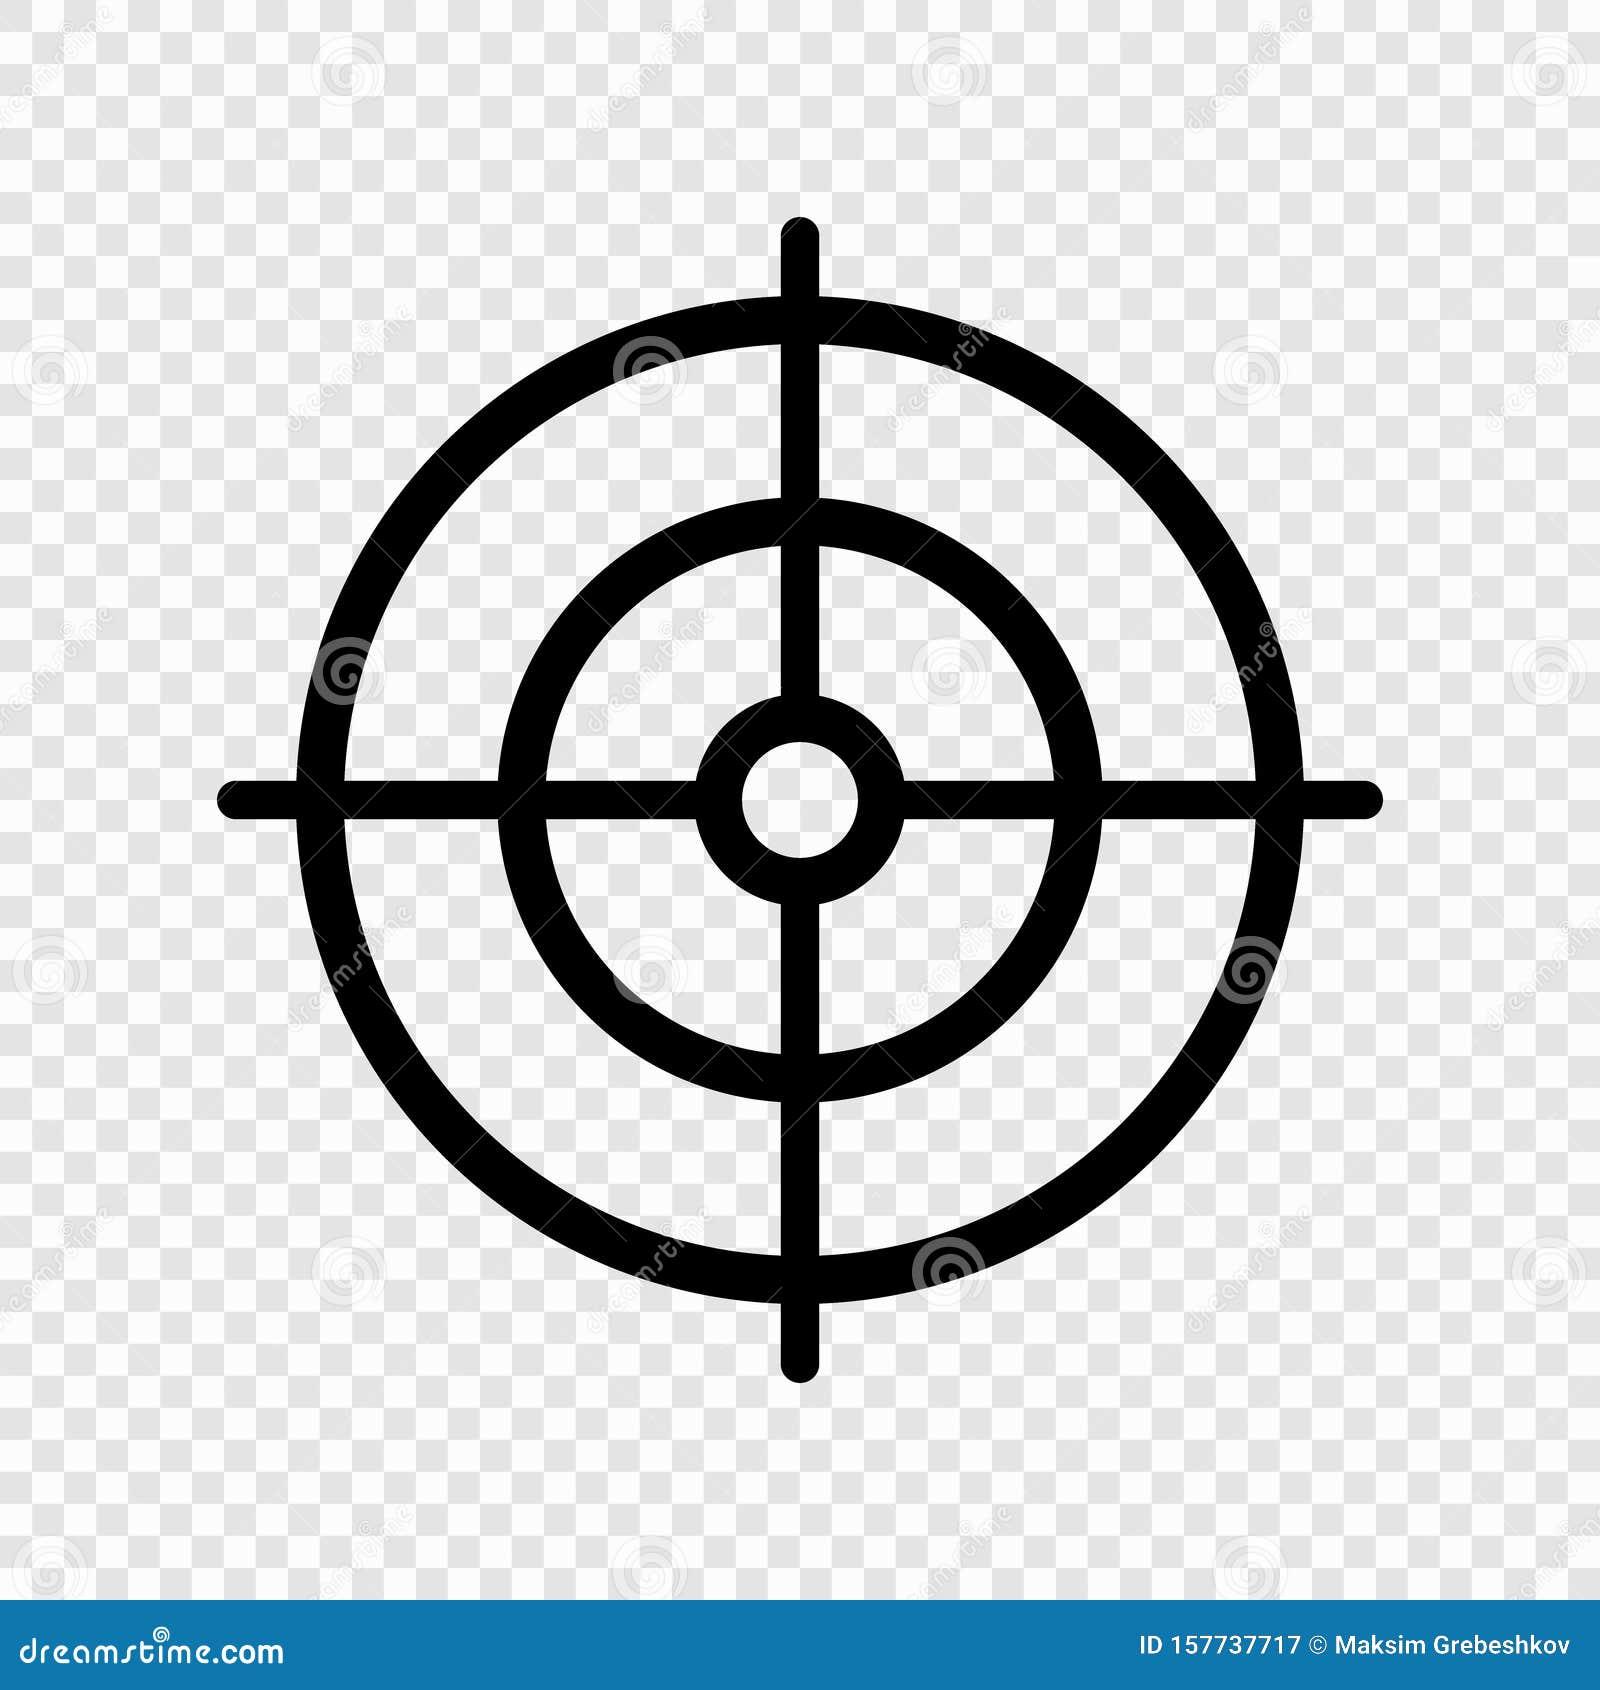 Gun target icon